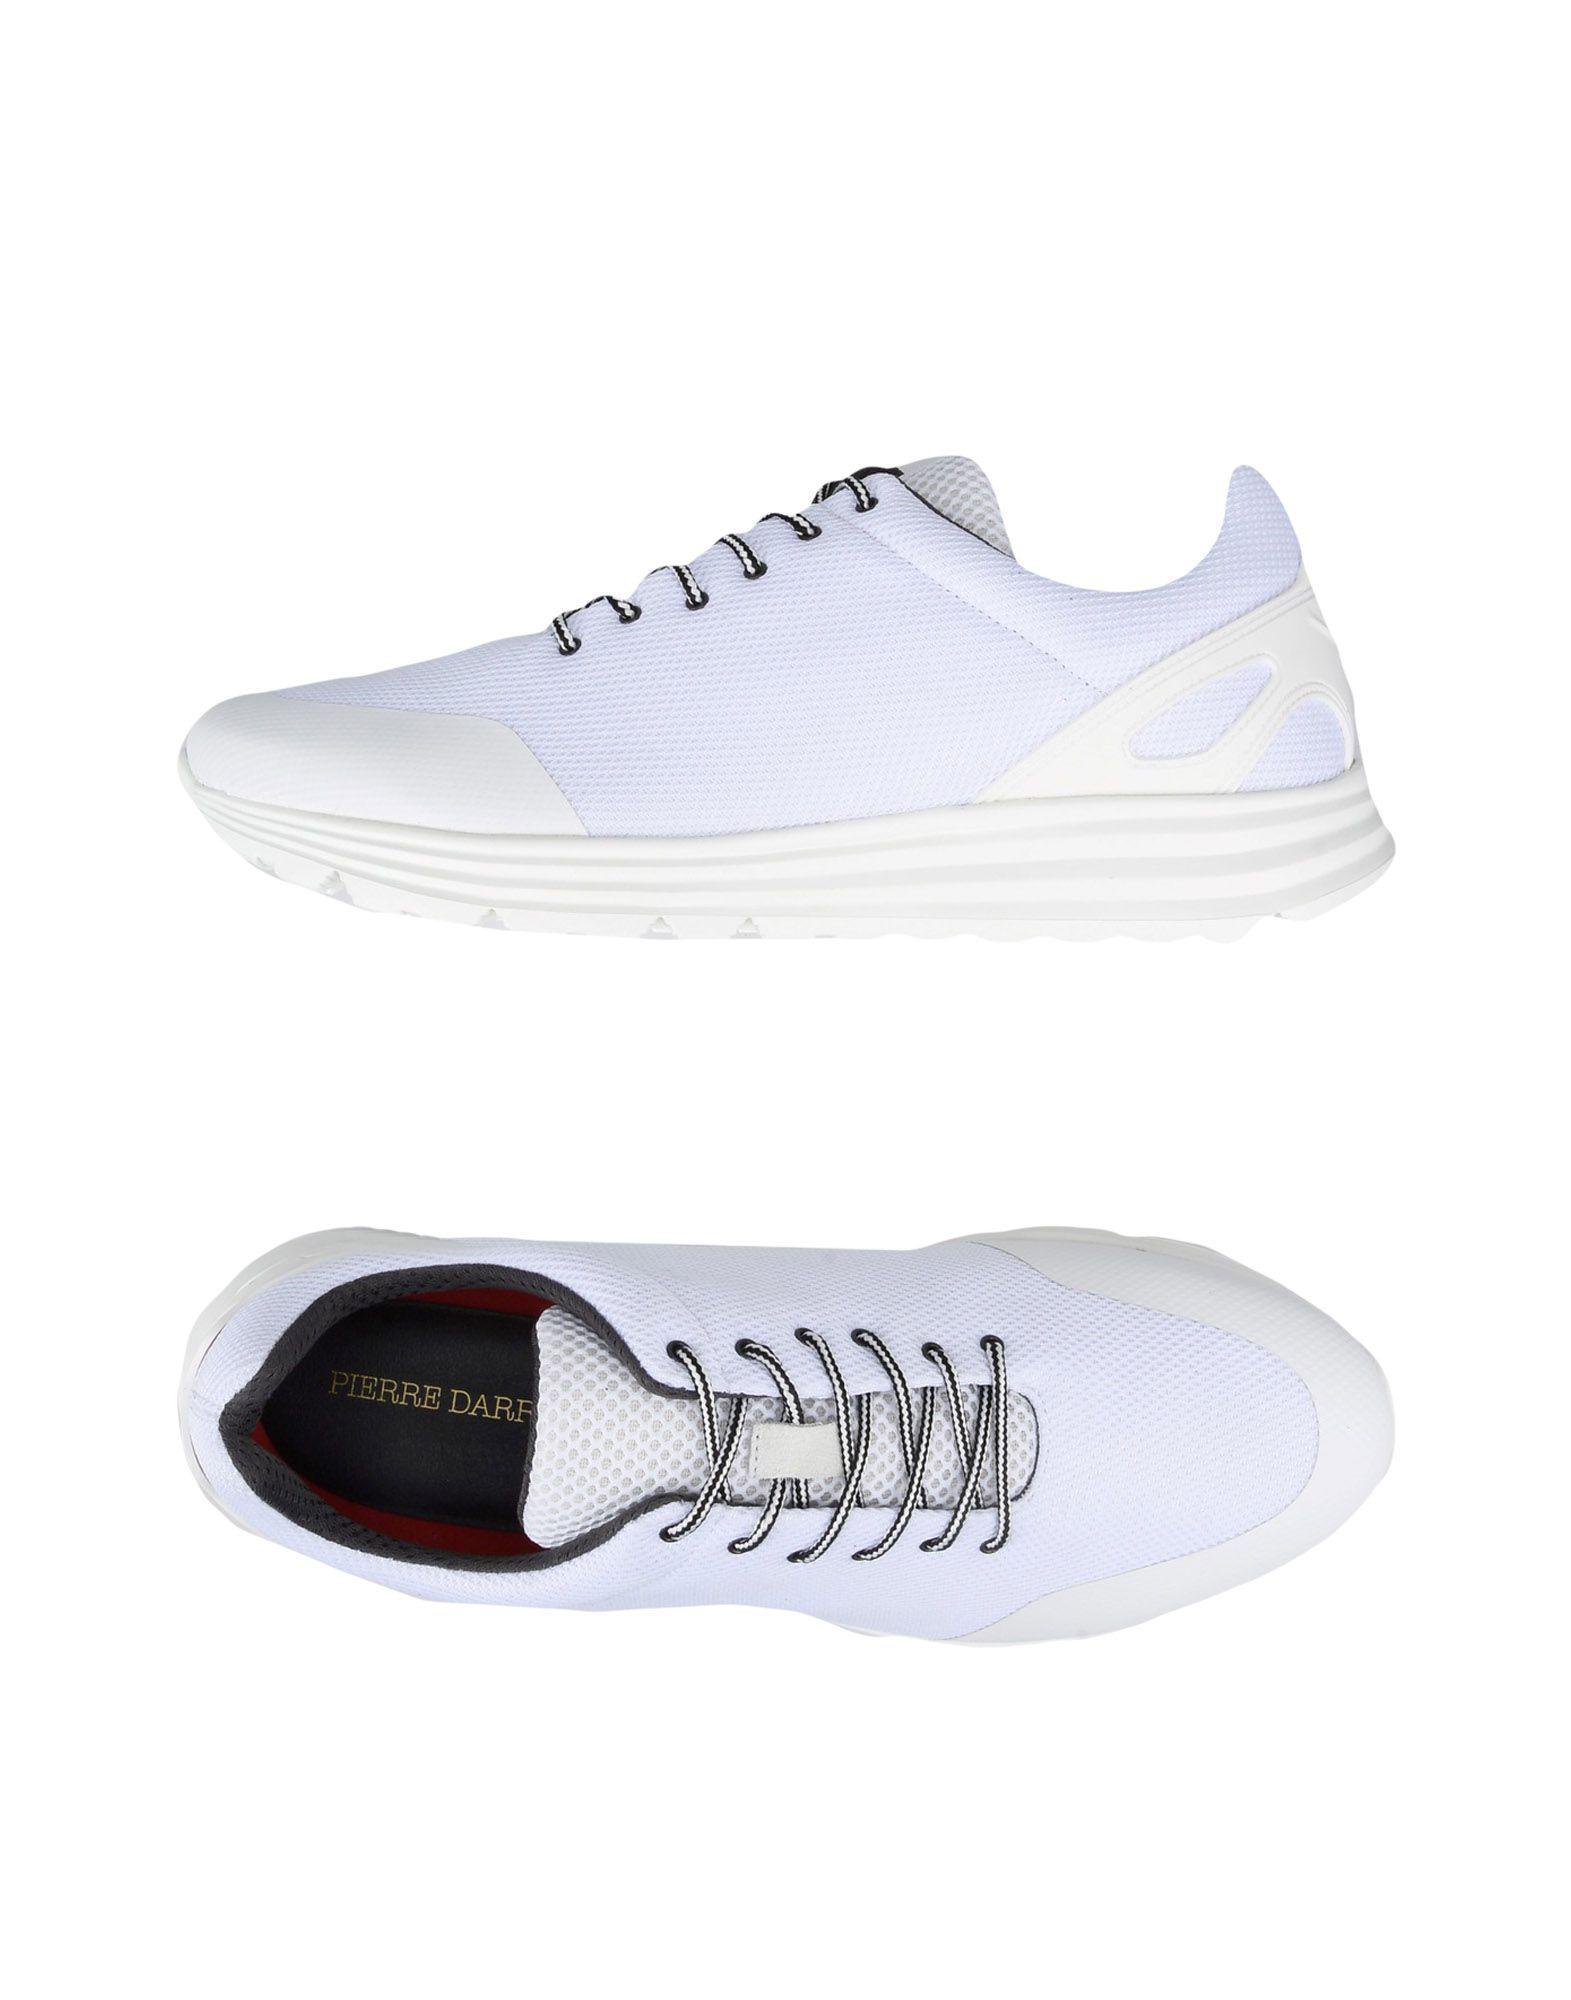 Chaussures - High-tops Et Baskets Pierre Darré T9LVUr05sh